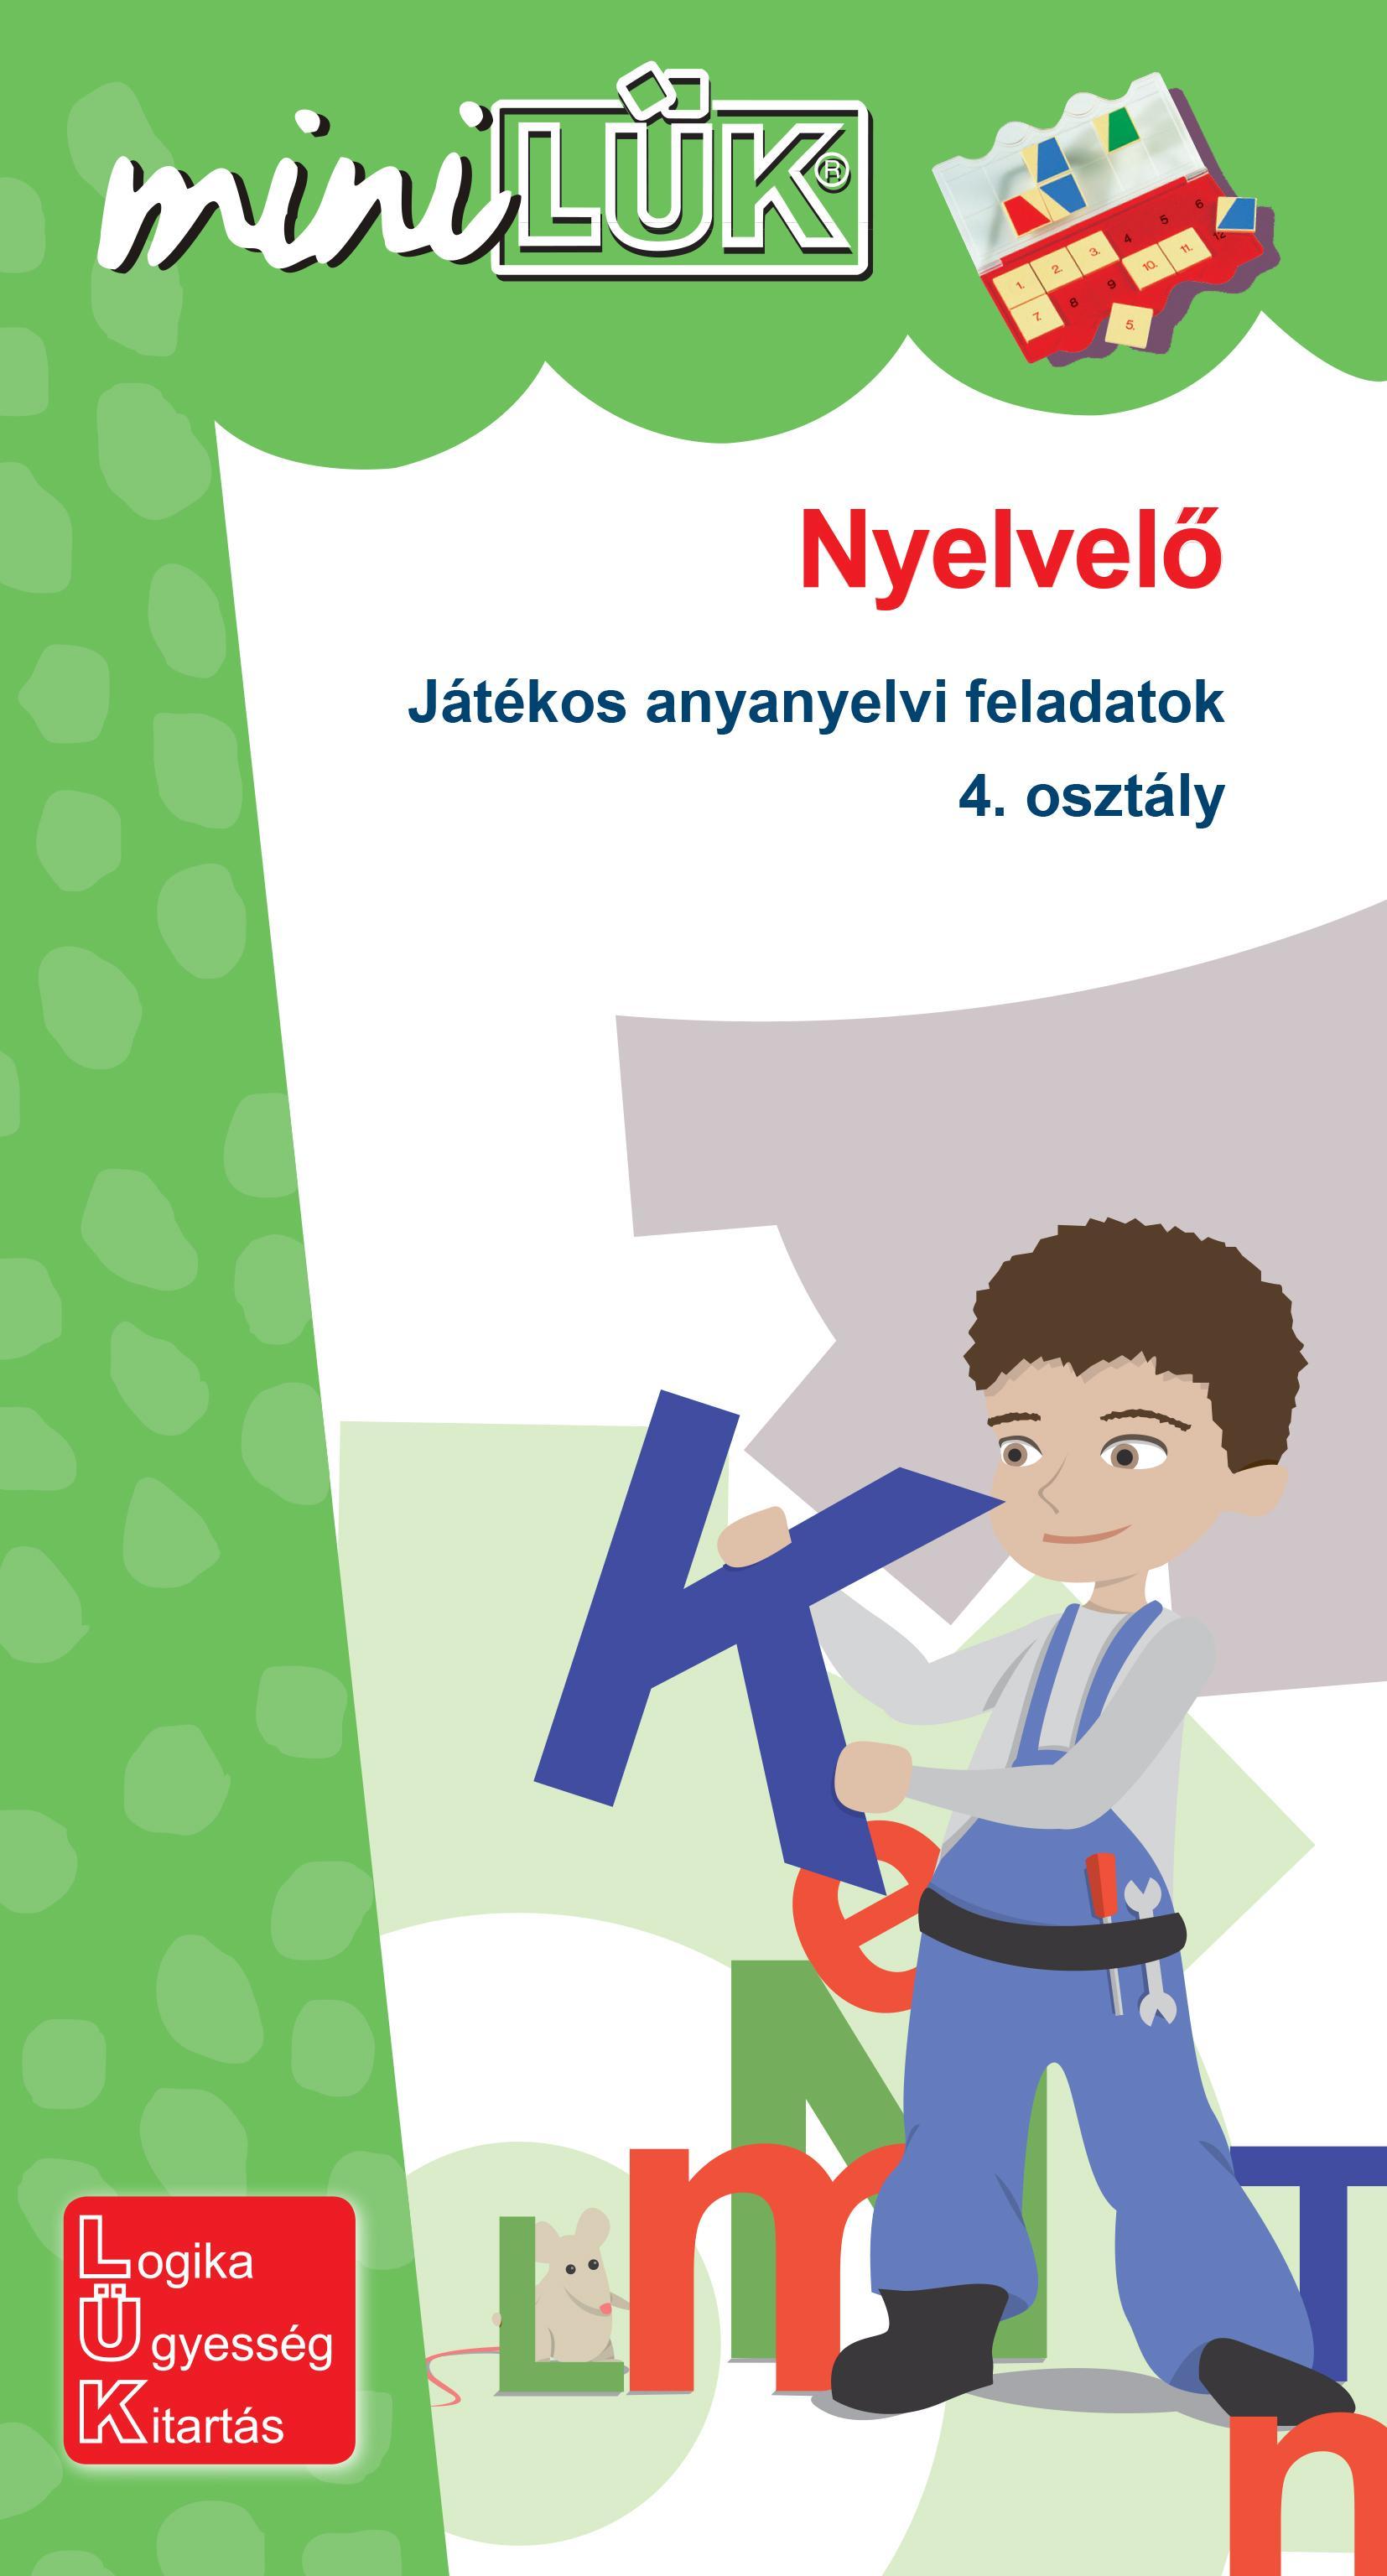 NYELVELŐ - JÁTÉKOS ANYANYELVI FELADATOK 4. OSZTÁLY  - MINILÜK